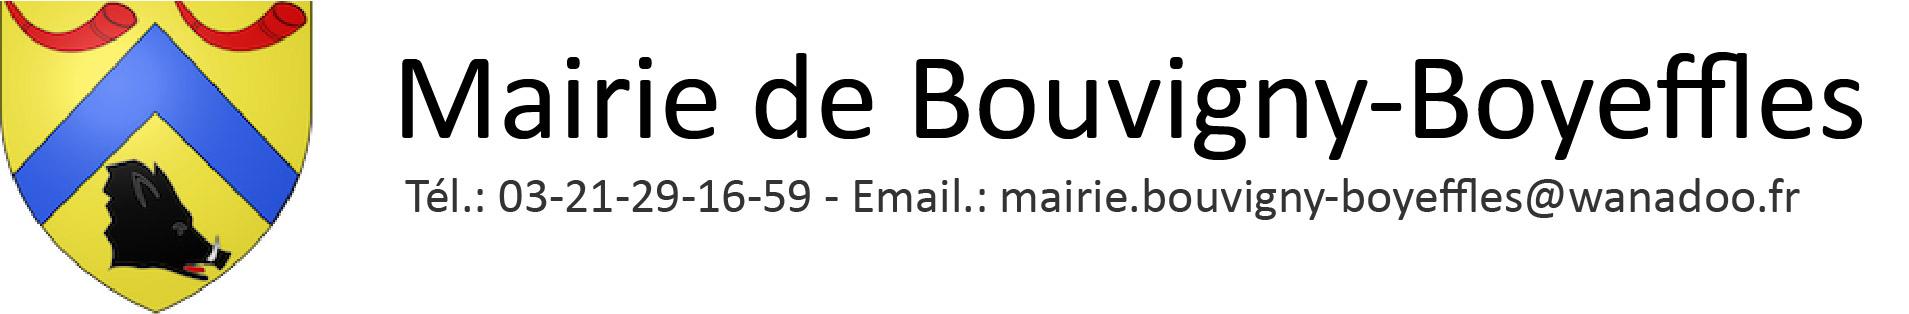 Mairie de Bouvigny-Boyeffles